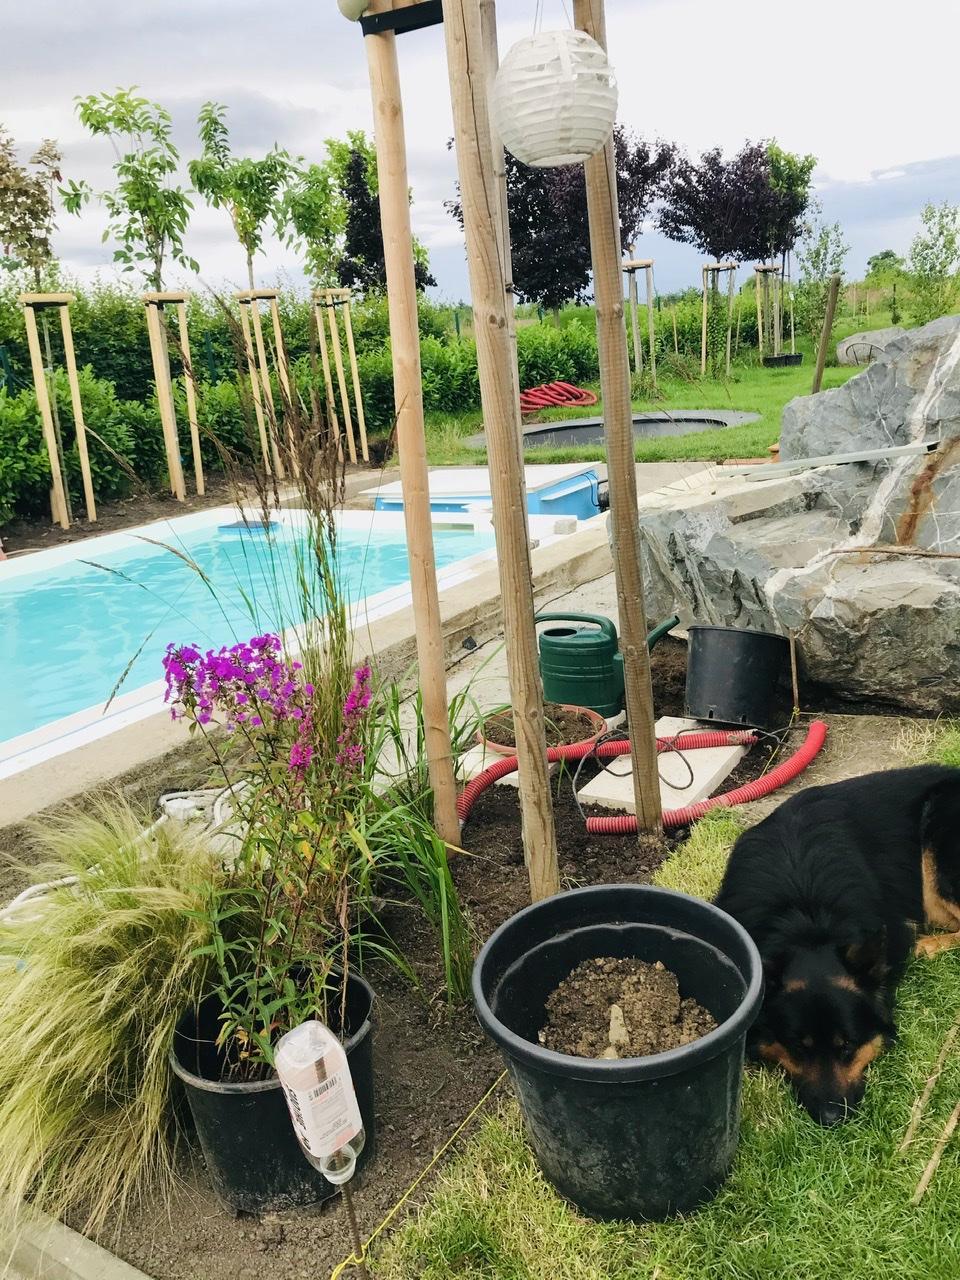 Naše L-ko - 2021 - stále dokončujeme - začínam s výsadbou okolo bazéna. Postupne, každý deň odstraňujem travný drn, prekyprím, zrovnám. Postupne začínam sadit rastlinky okolo vody.